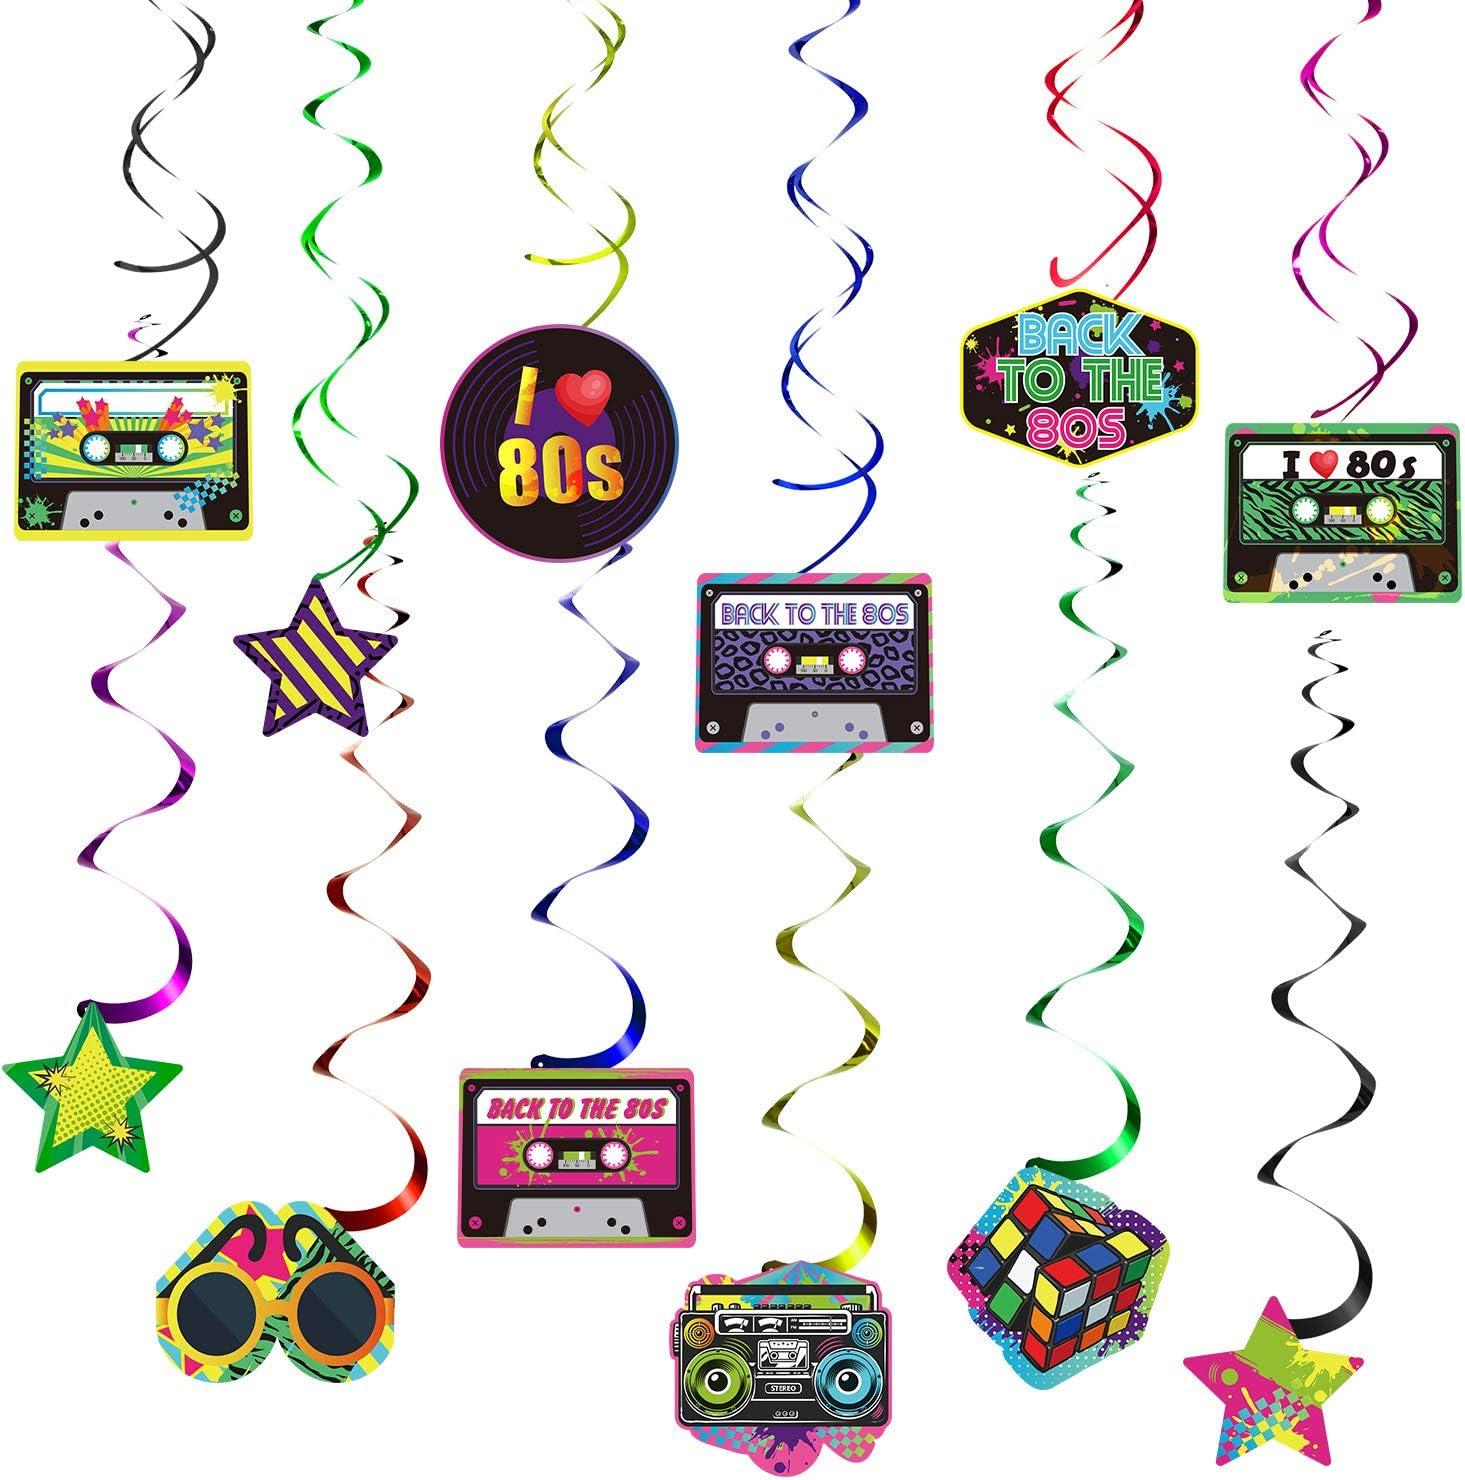 80er Jahre Retro 1980er Jahre Party H/ängende Strudel Decke Dekorationen Folie Doppel Spirale 80er Jahre Hip Hop Zeichen H/ängende Strudel Dekorationen Blulu 80er Jahre Party Dekorationen Kit